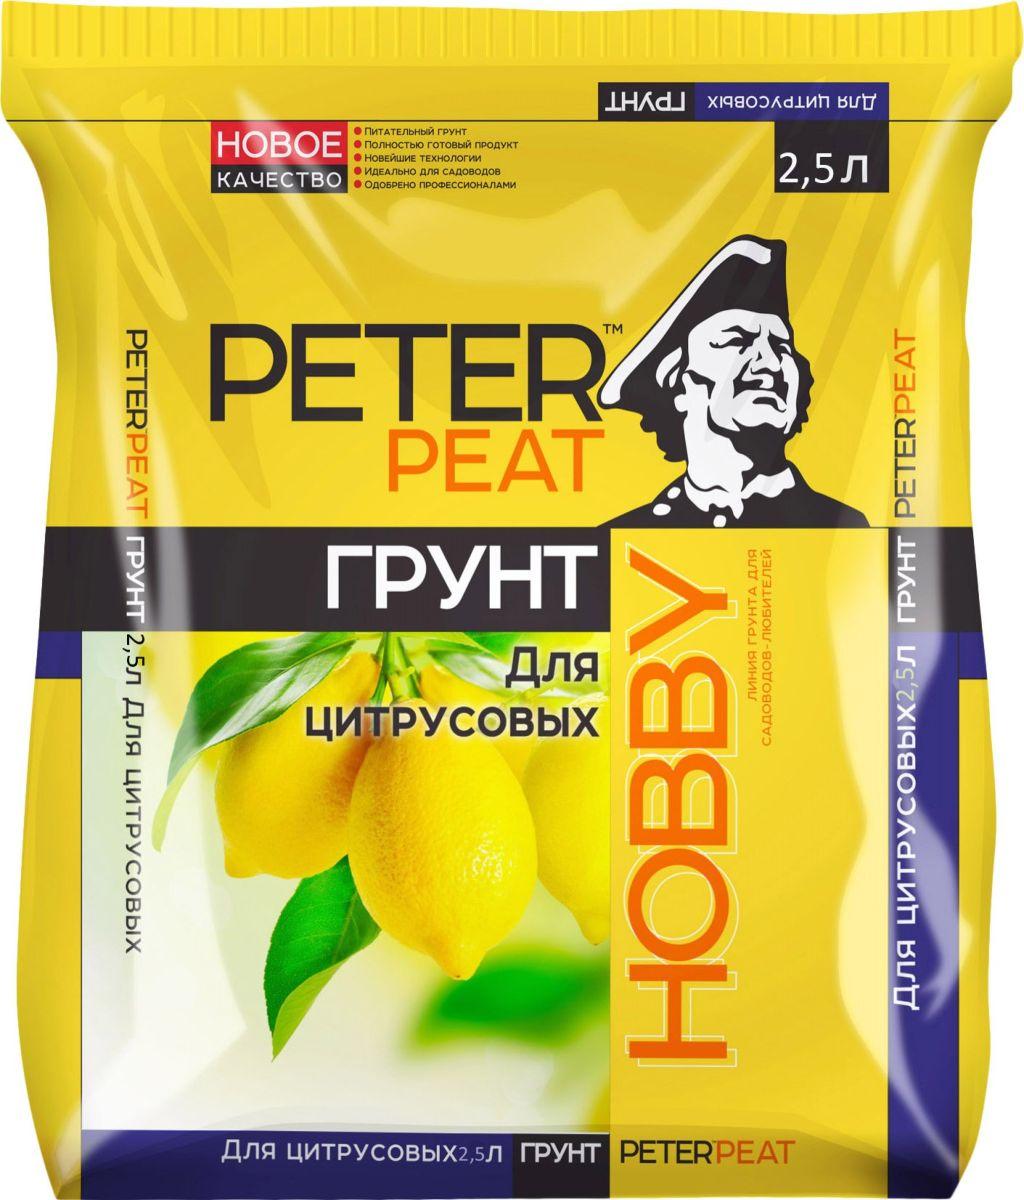 """Питательный грунт для комнатных растений Peter Peat """"Для цитрусовых"""" предназначен для выращивания цитрусовых растений. Обеспечивает оптимальный водный и воздушный режим. Способствует приживаемости и обильному цветению."""